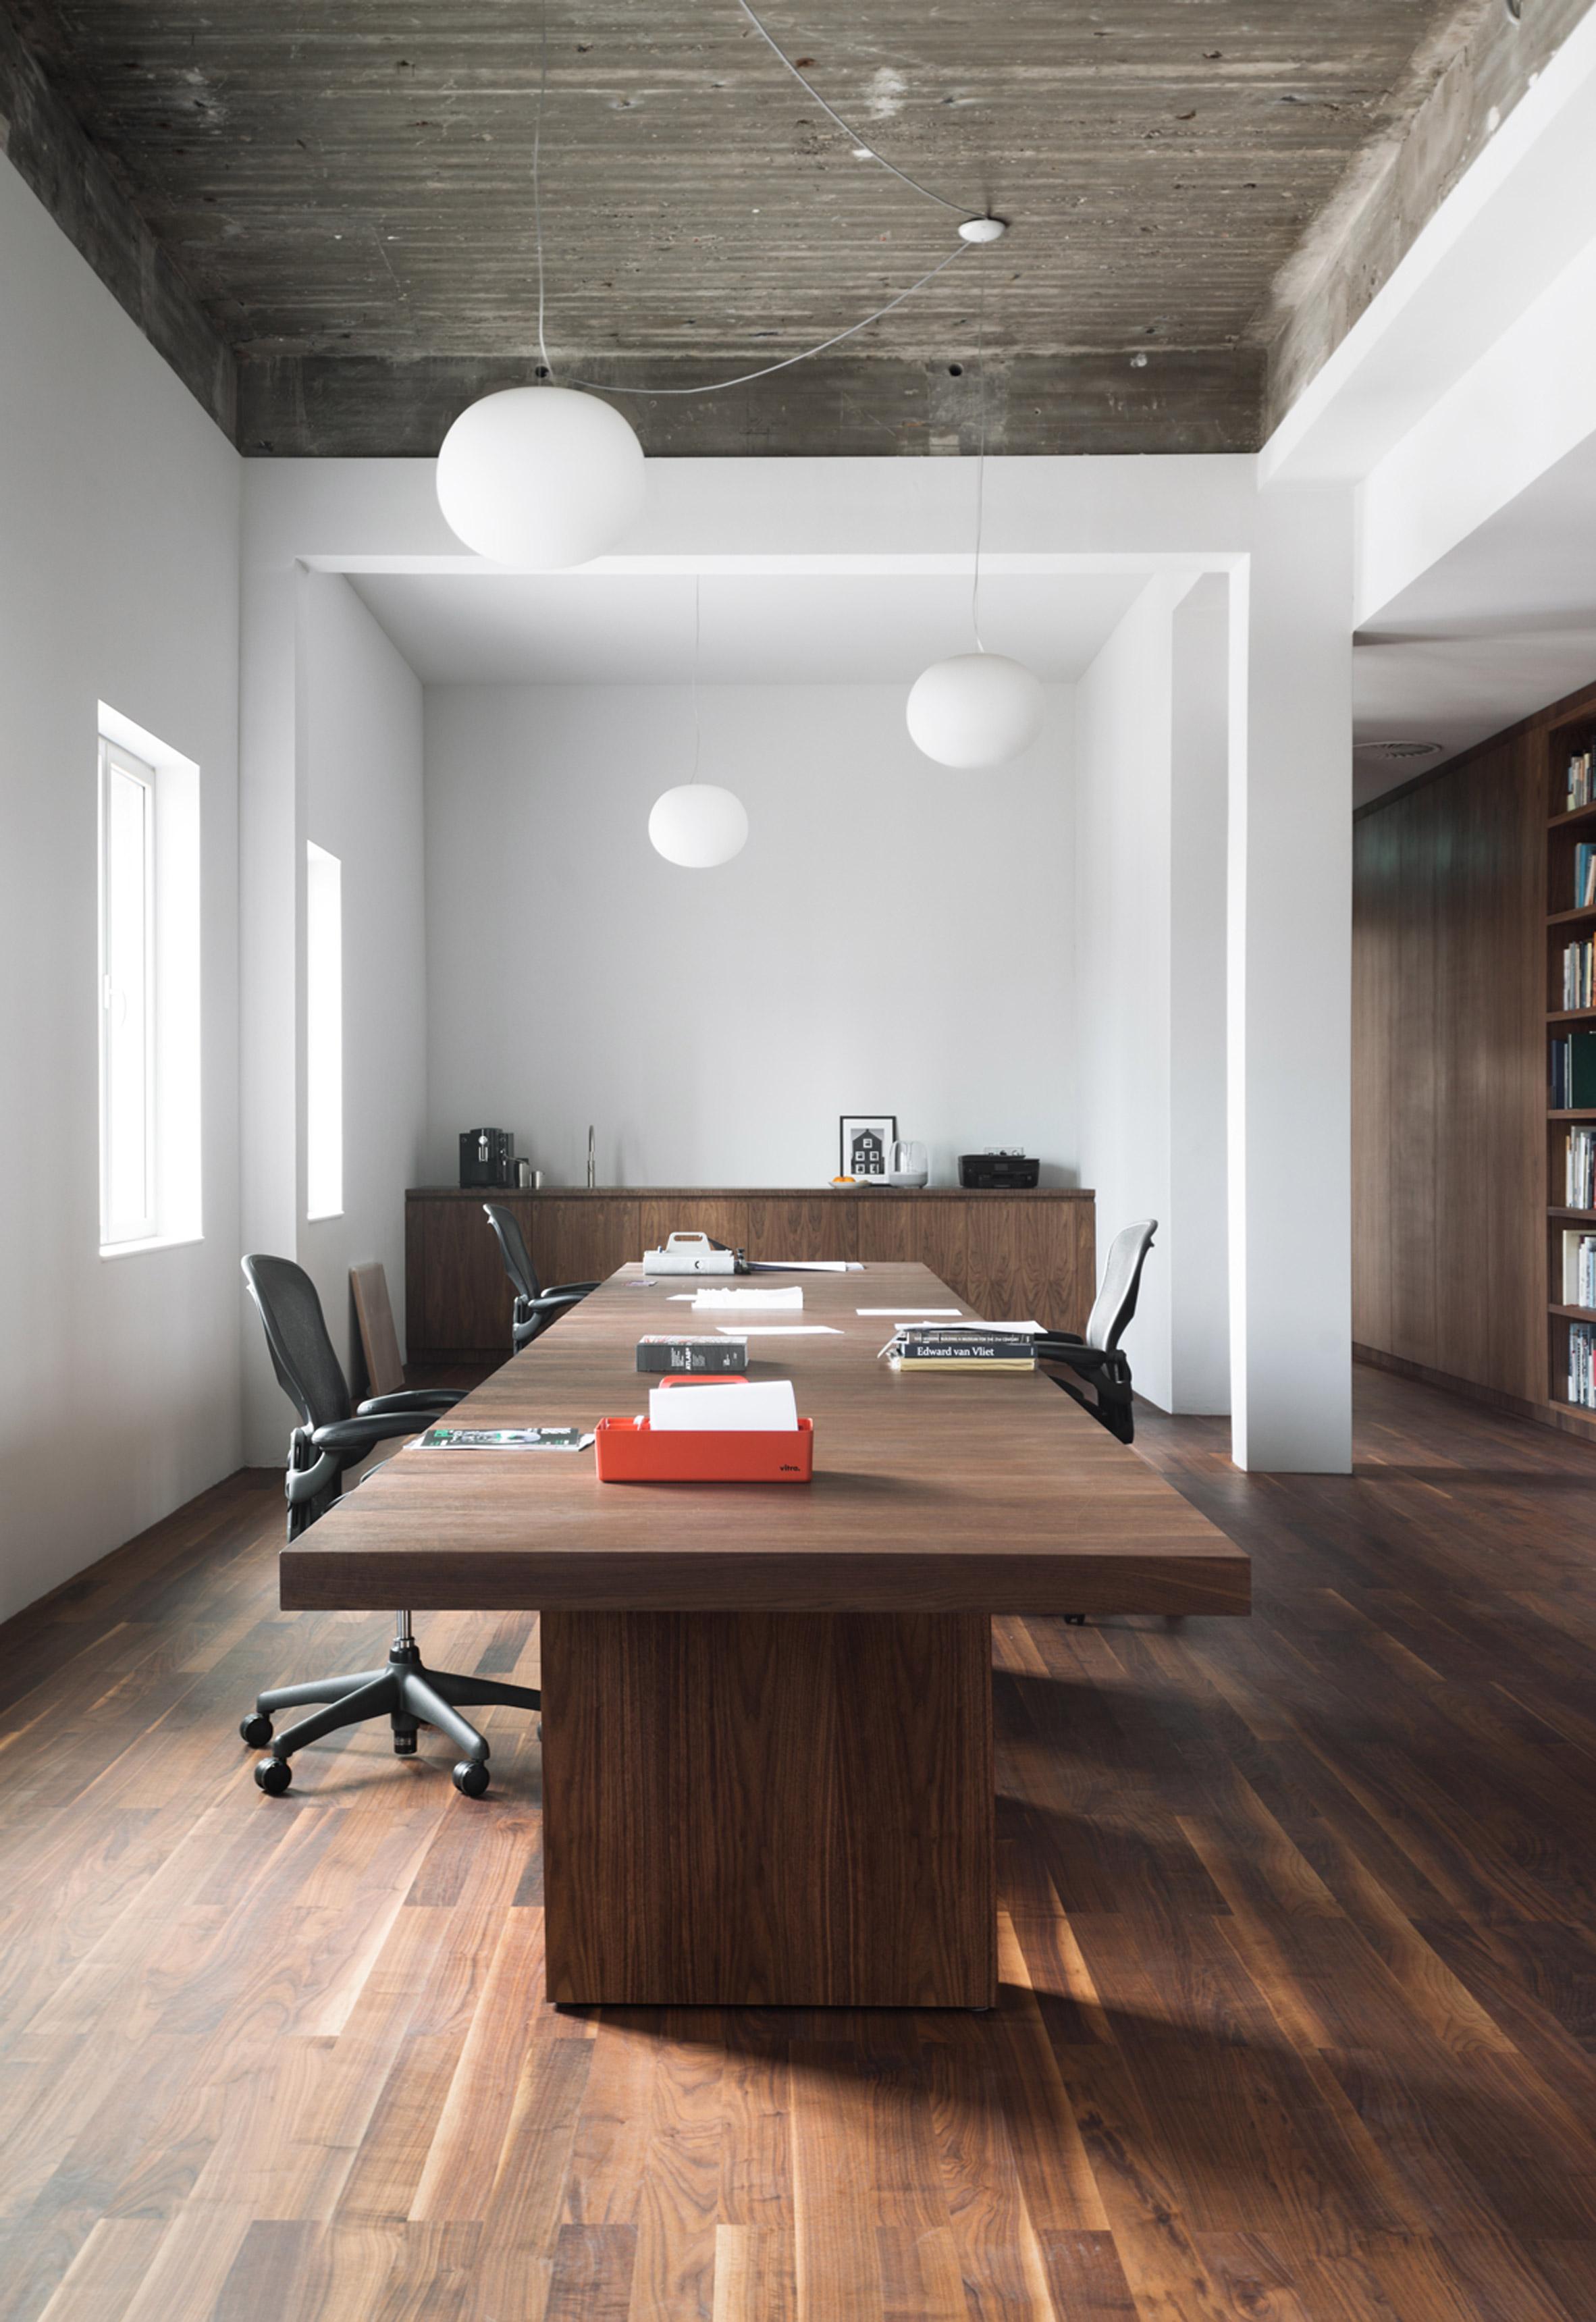 ý tưởng thiết kế văn phòng hiện đại 3